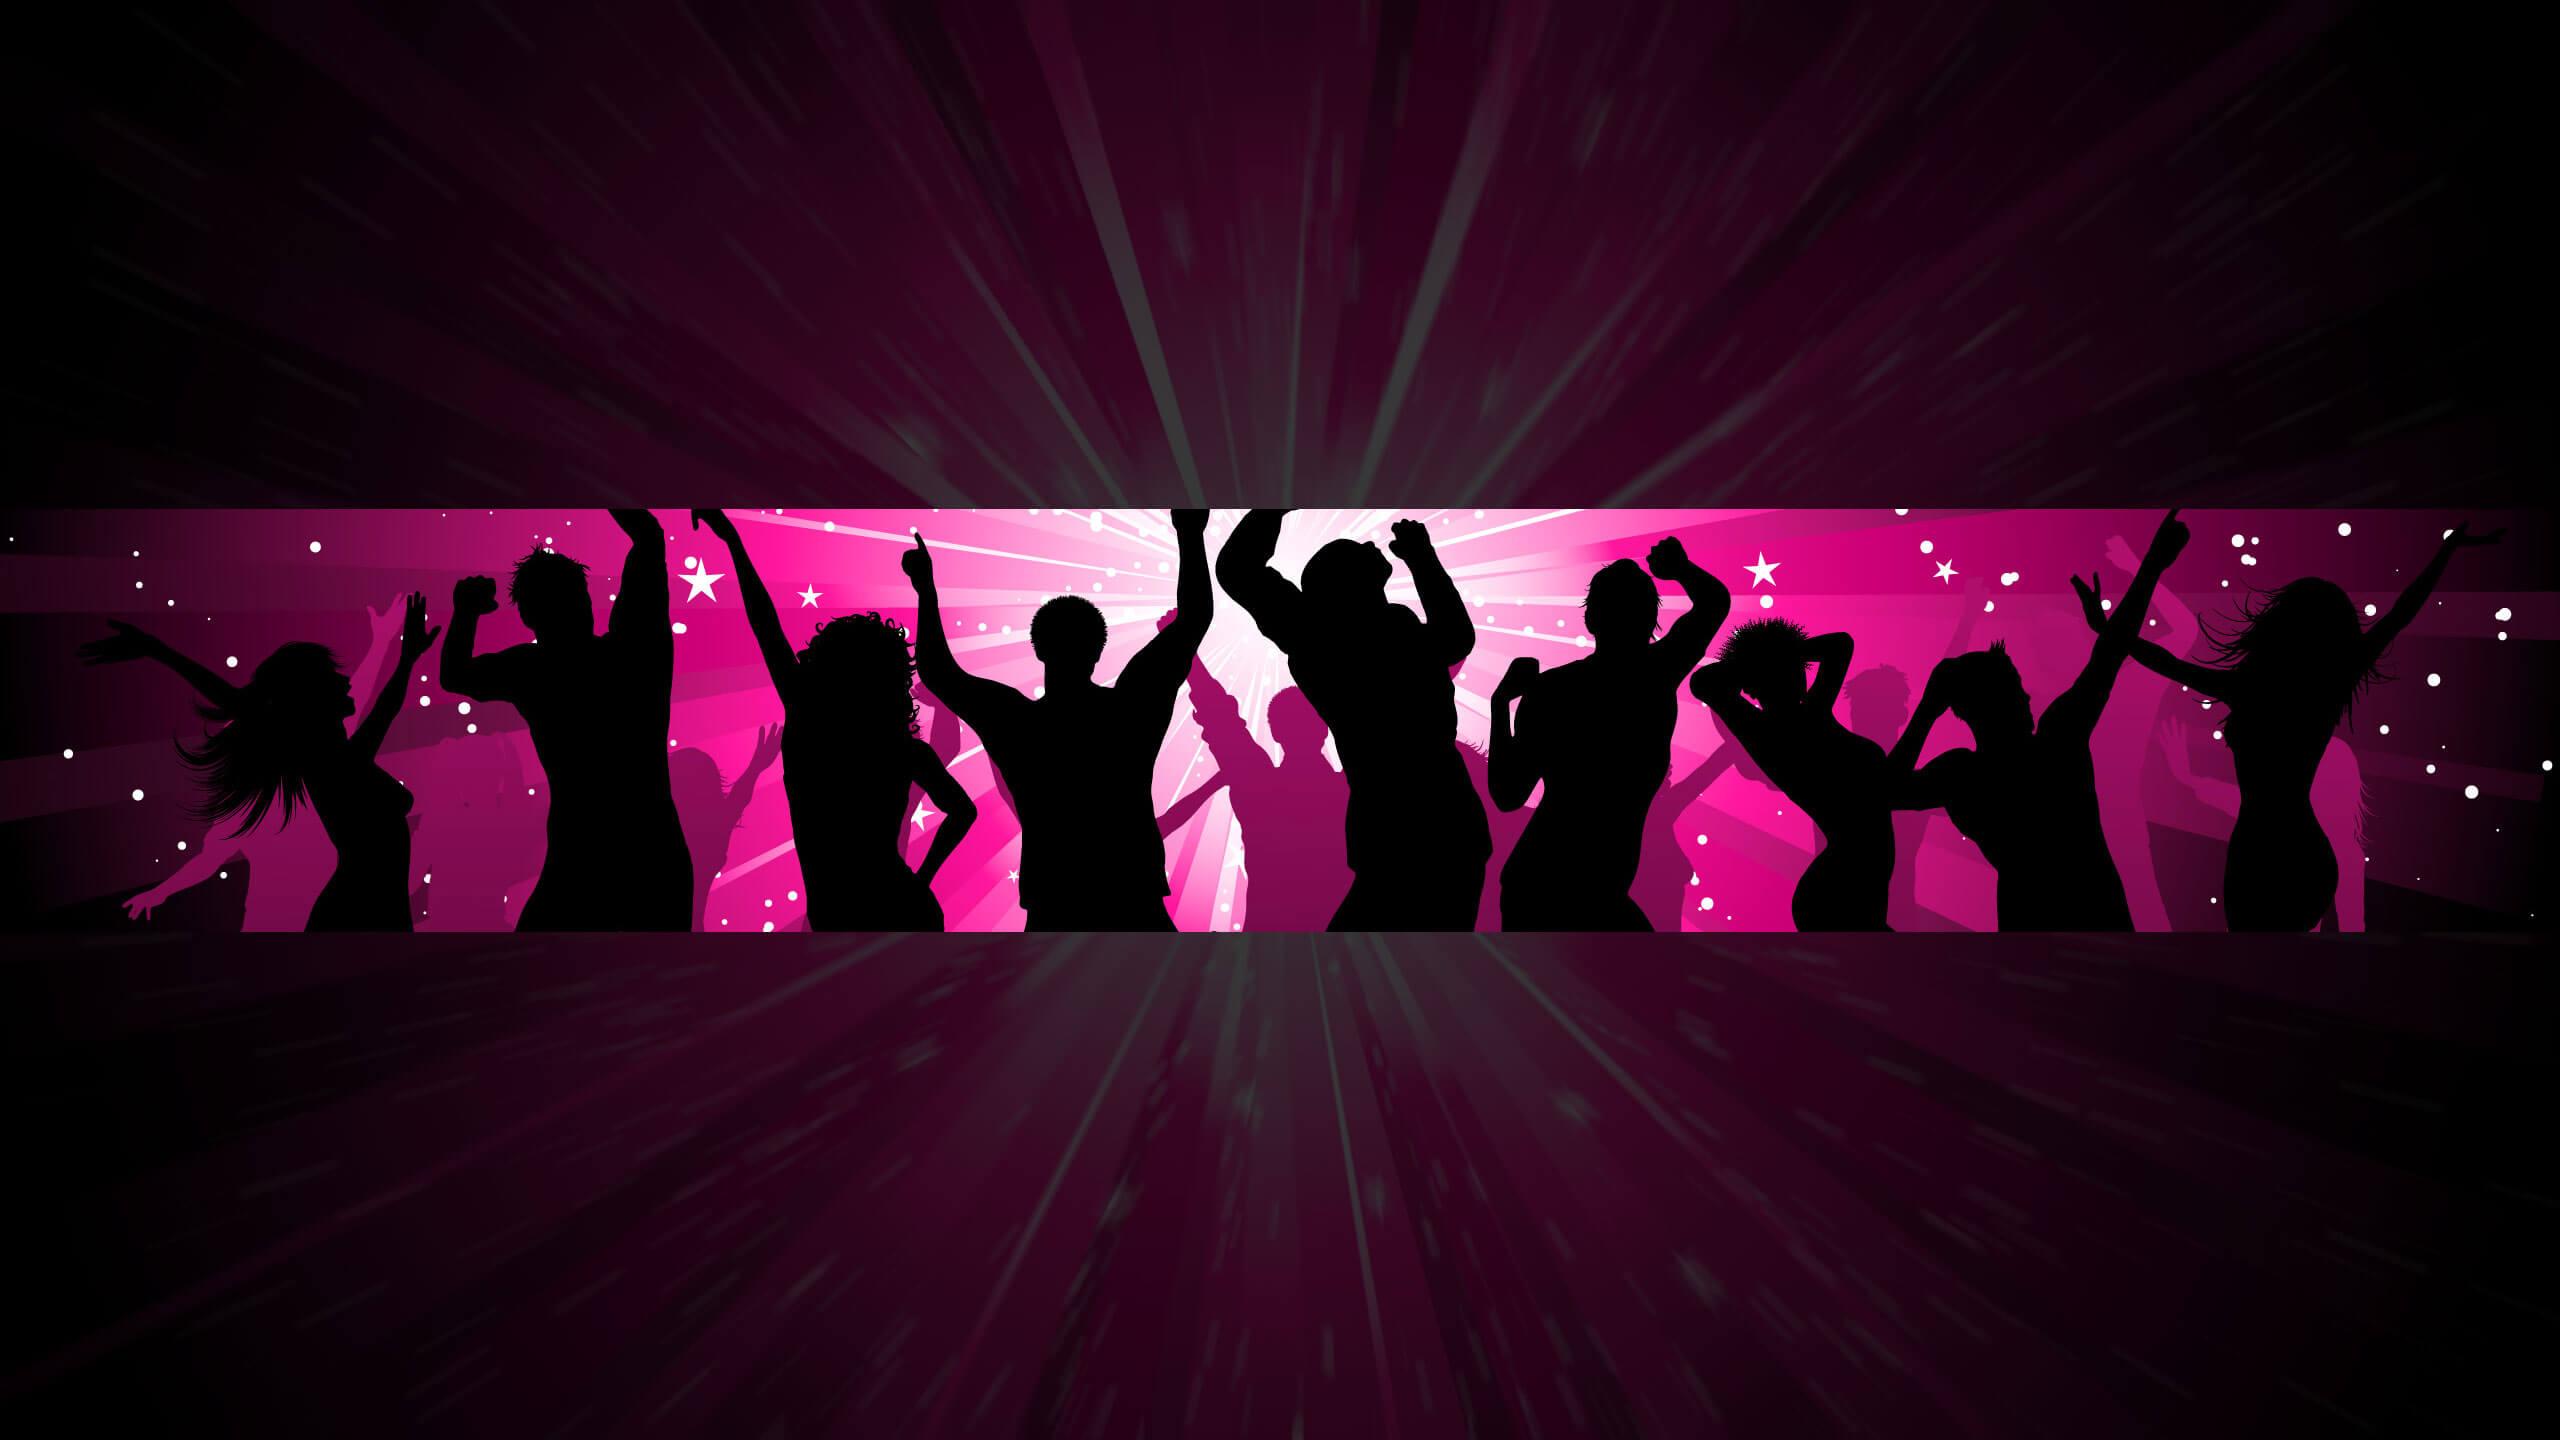 Картинка размером 2560 х 1440 для шапки ютуба без текста с силуэтами танцующих людей на розовом фоне.